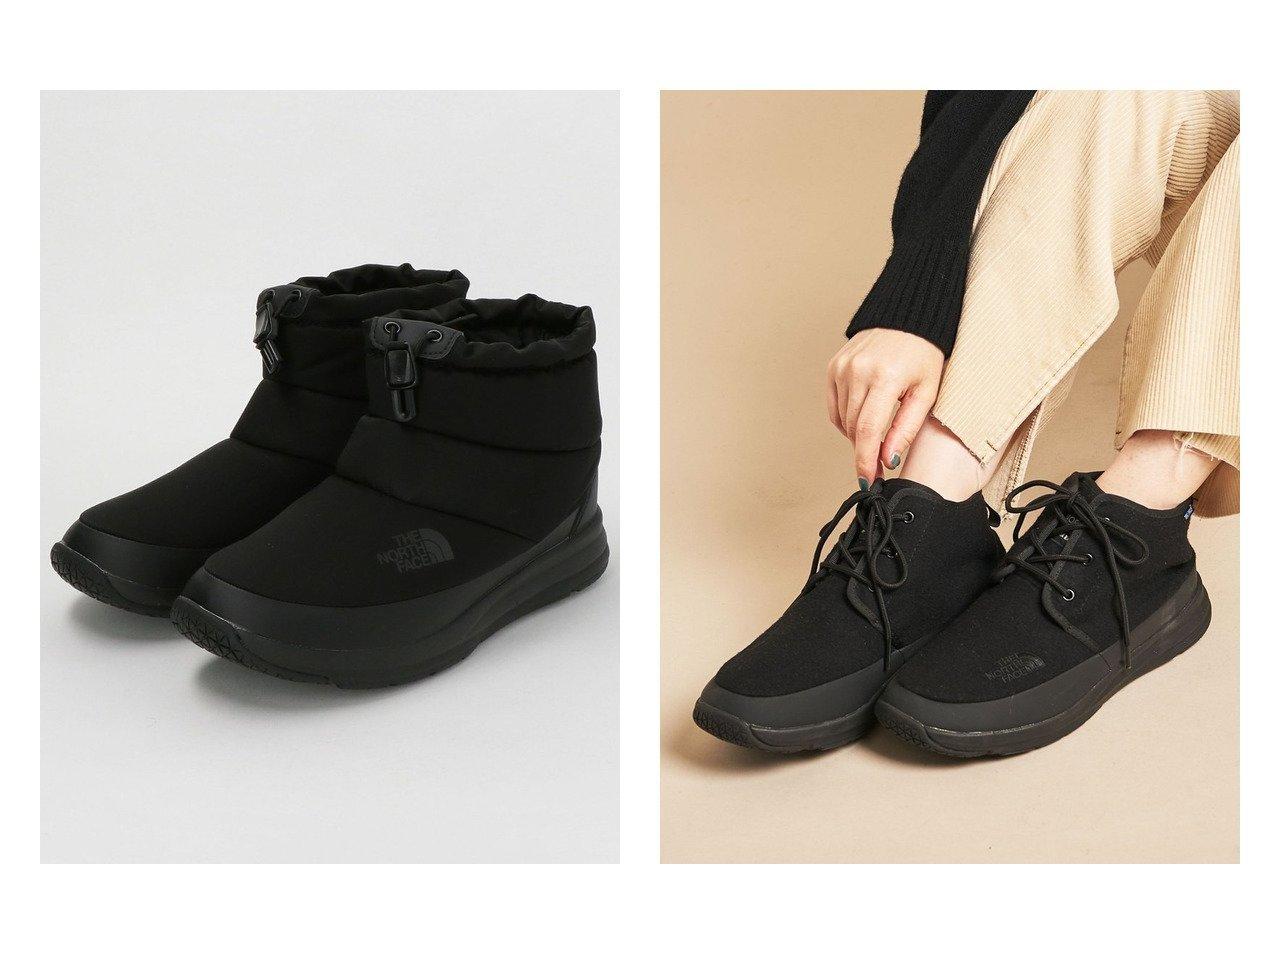 【BEAUTY&YOUTH UNITED ARROWS/ビューティアンド ユースユナイテッドアローズ】のヌプシ トラクション ライト チャッカーブーツ 2&ヌプシ トラクションライト ウォータープルーフ ミ二ブーツ 2 シューズ・靴のおすすめ!人気、トレンド・レディースファッションの通販 おすすめで人気の流行・トレンド、ファッションの通販商品 メンズファッション・キッズファッション・インテリア・家具・レディースファッション・服の通販 founy(ファニー) https://founy.com/ ファッション Fashion レディースファッション WOMEN アウトドア ウォーター 軽量 シューズ ショート スニーカー 人気 バランス ベスト ライニング ラバー |ID:crp329100000009791